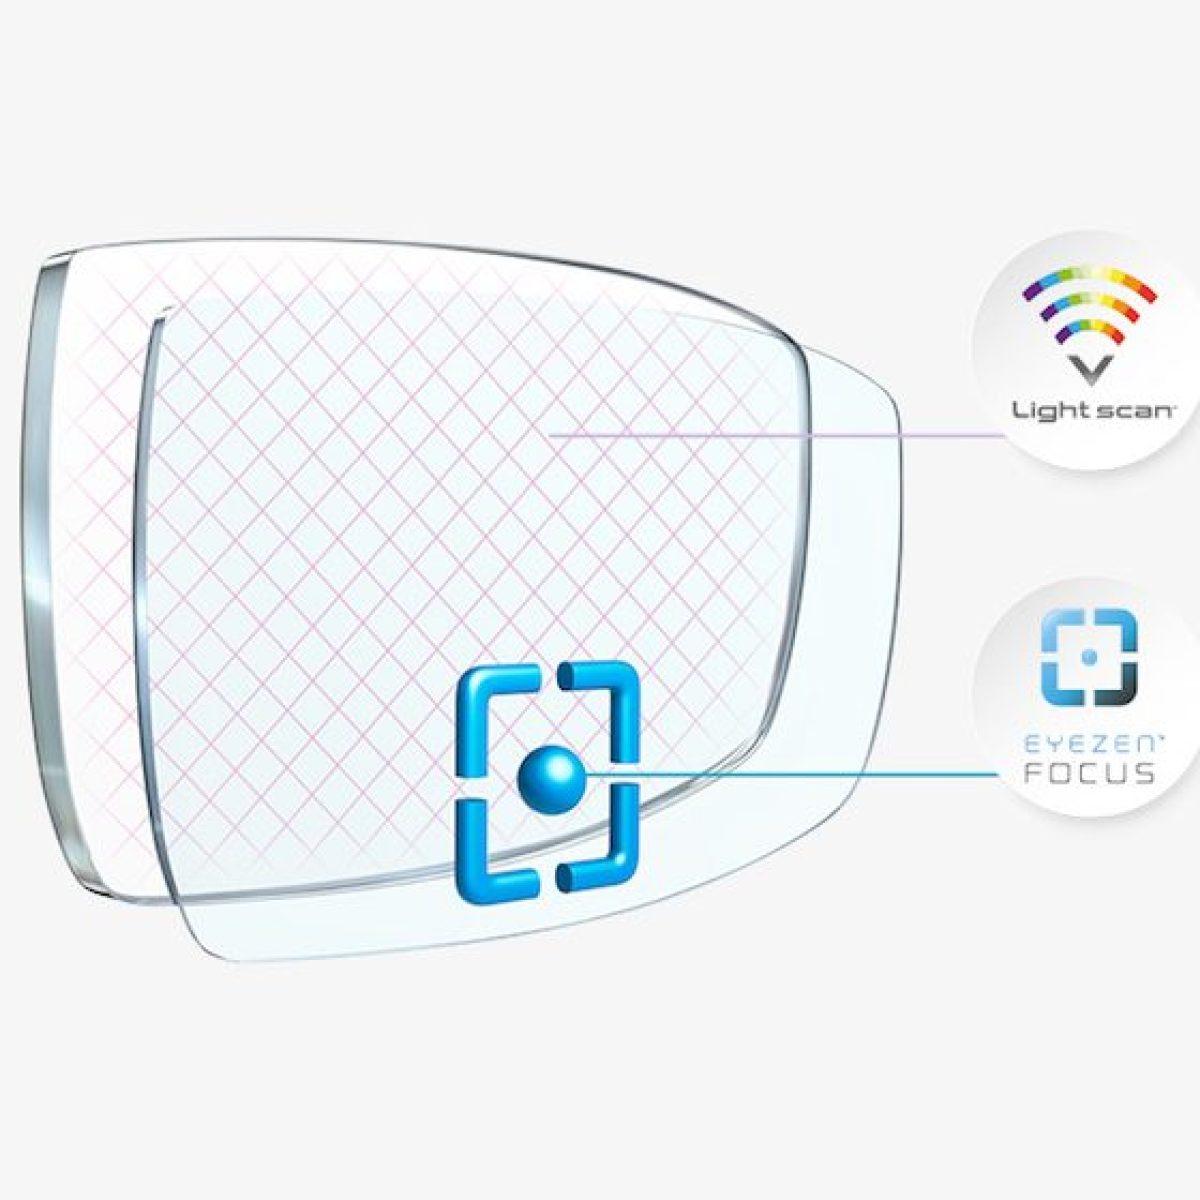 ESSILOR® EYEZEN™, le verre conçu pour la vie connectée • o30 l ... ecda4ce628f4